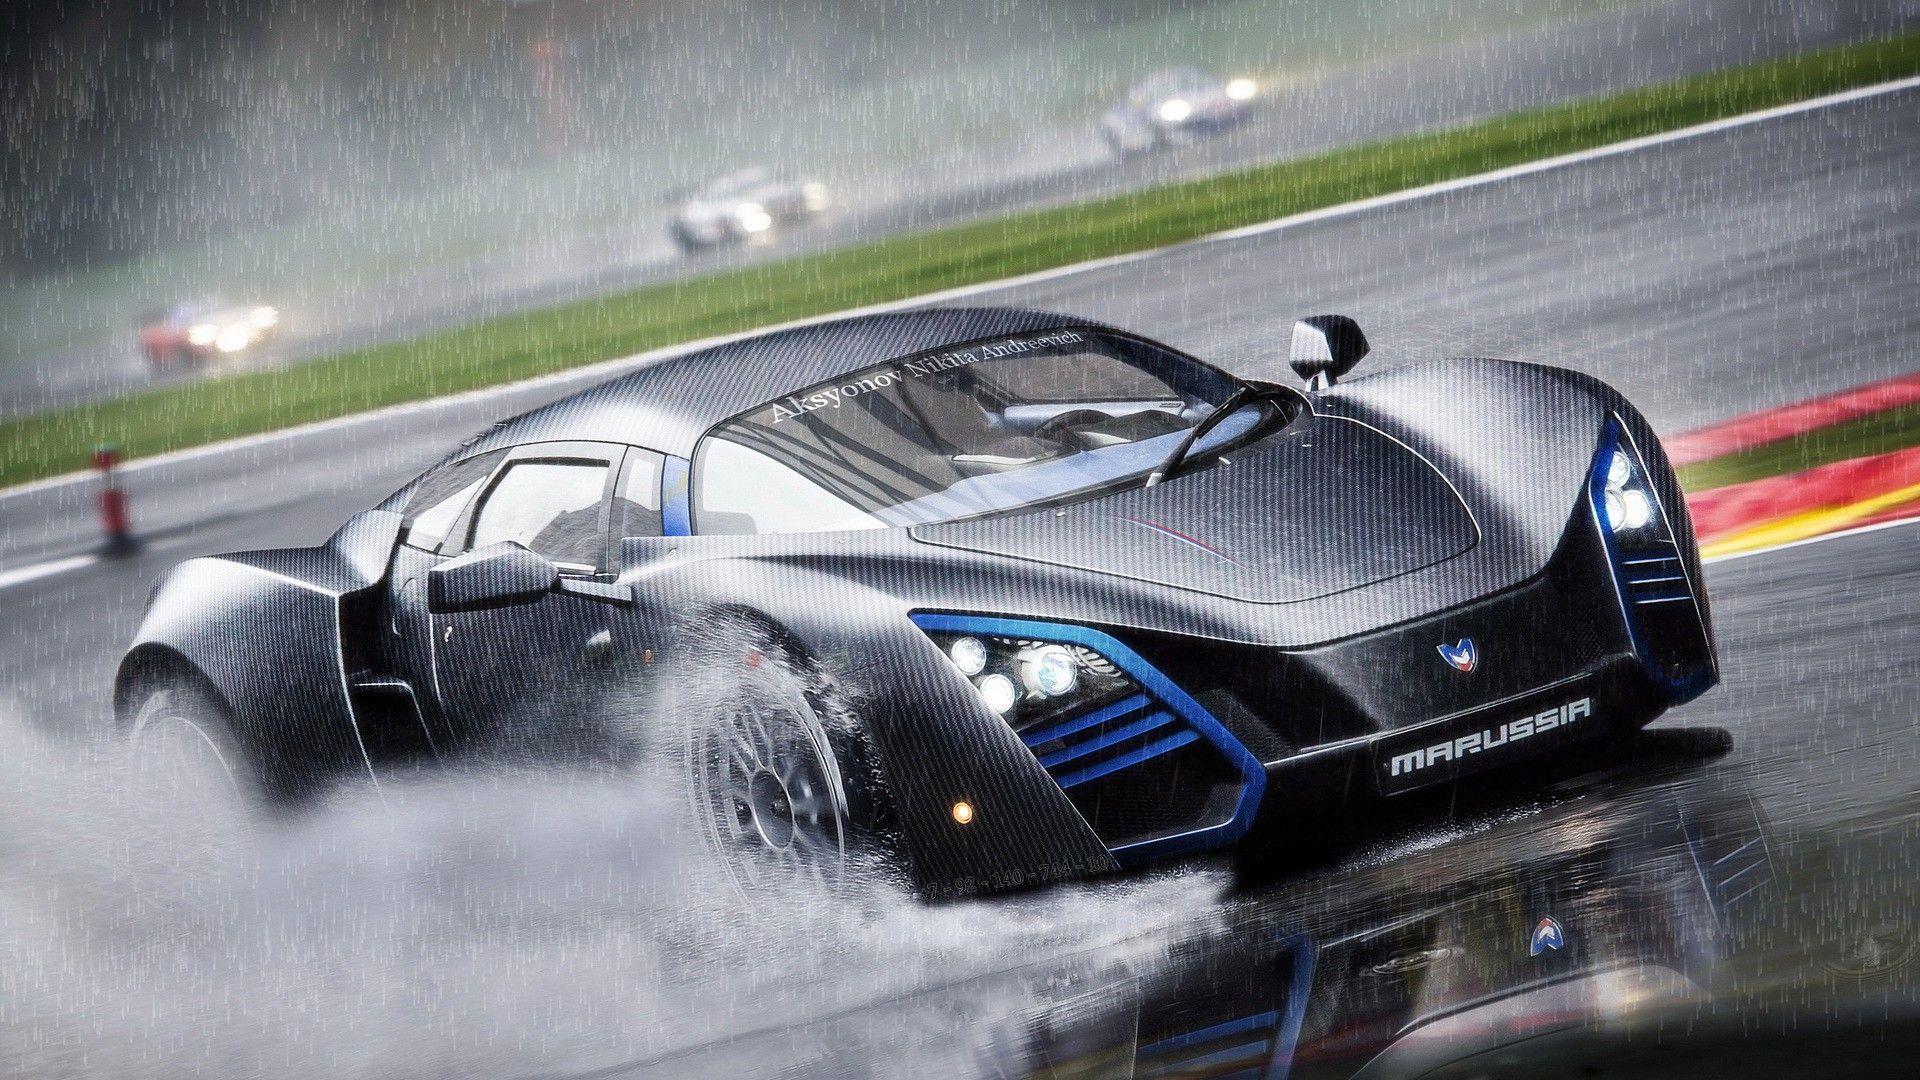 Super Sport Cars Wallpaper In 2020 Super Sport Cars Sports Car Wallpaper Super Cars